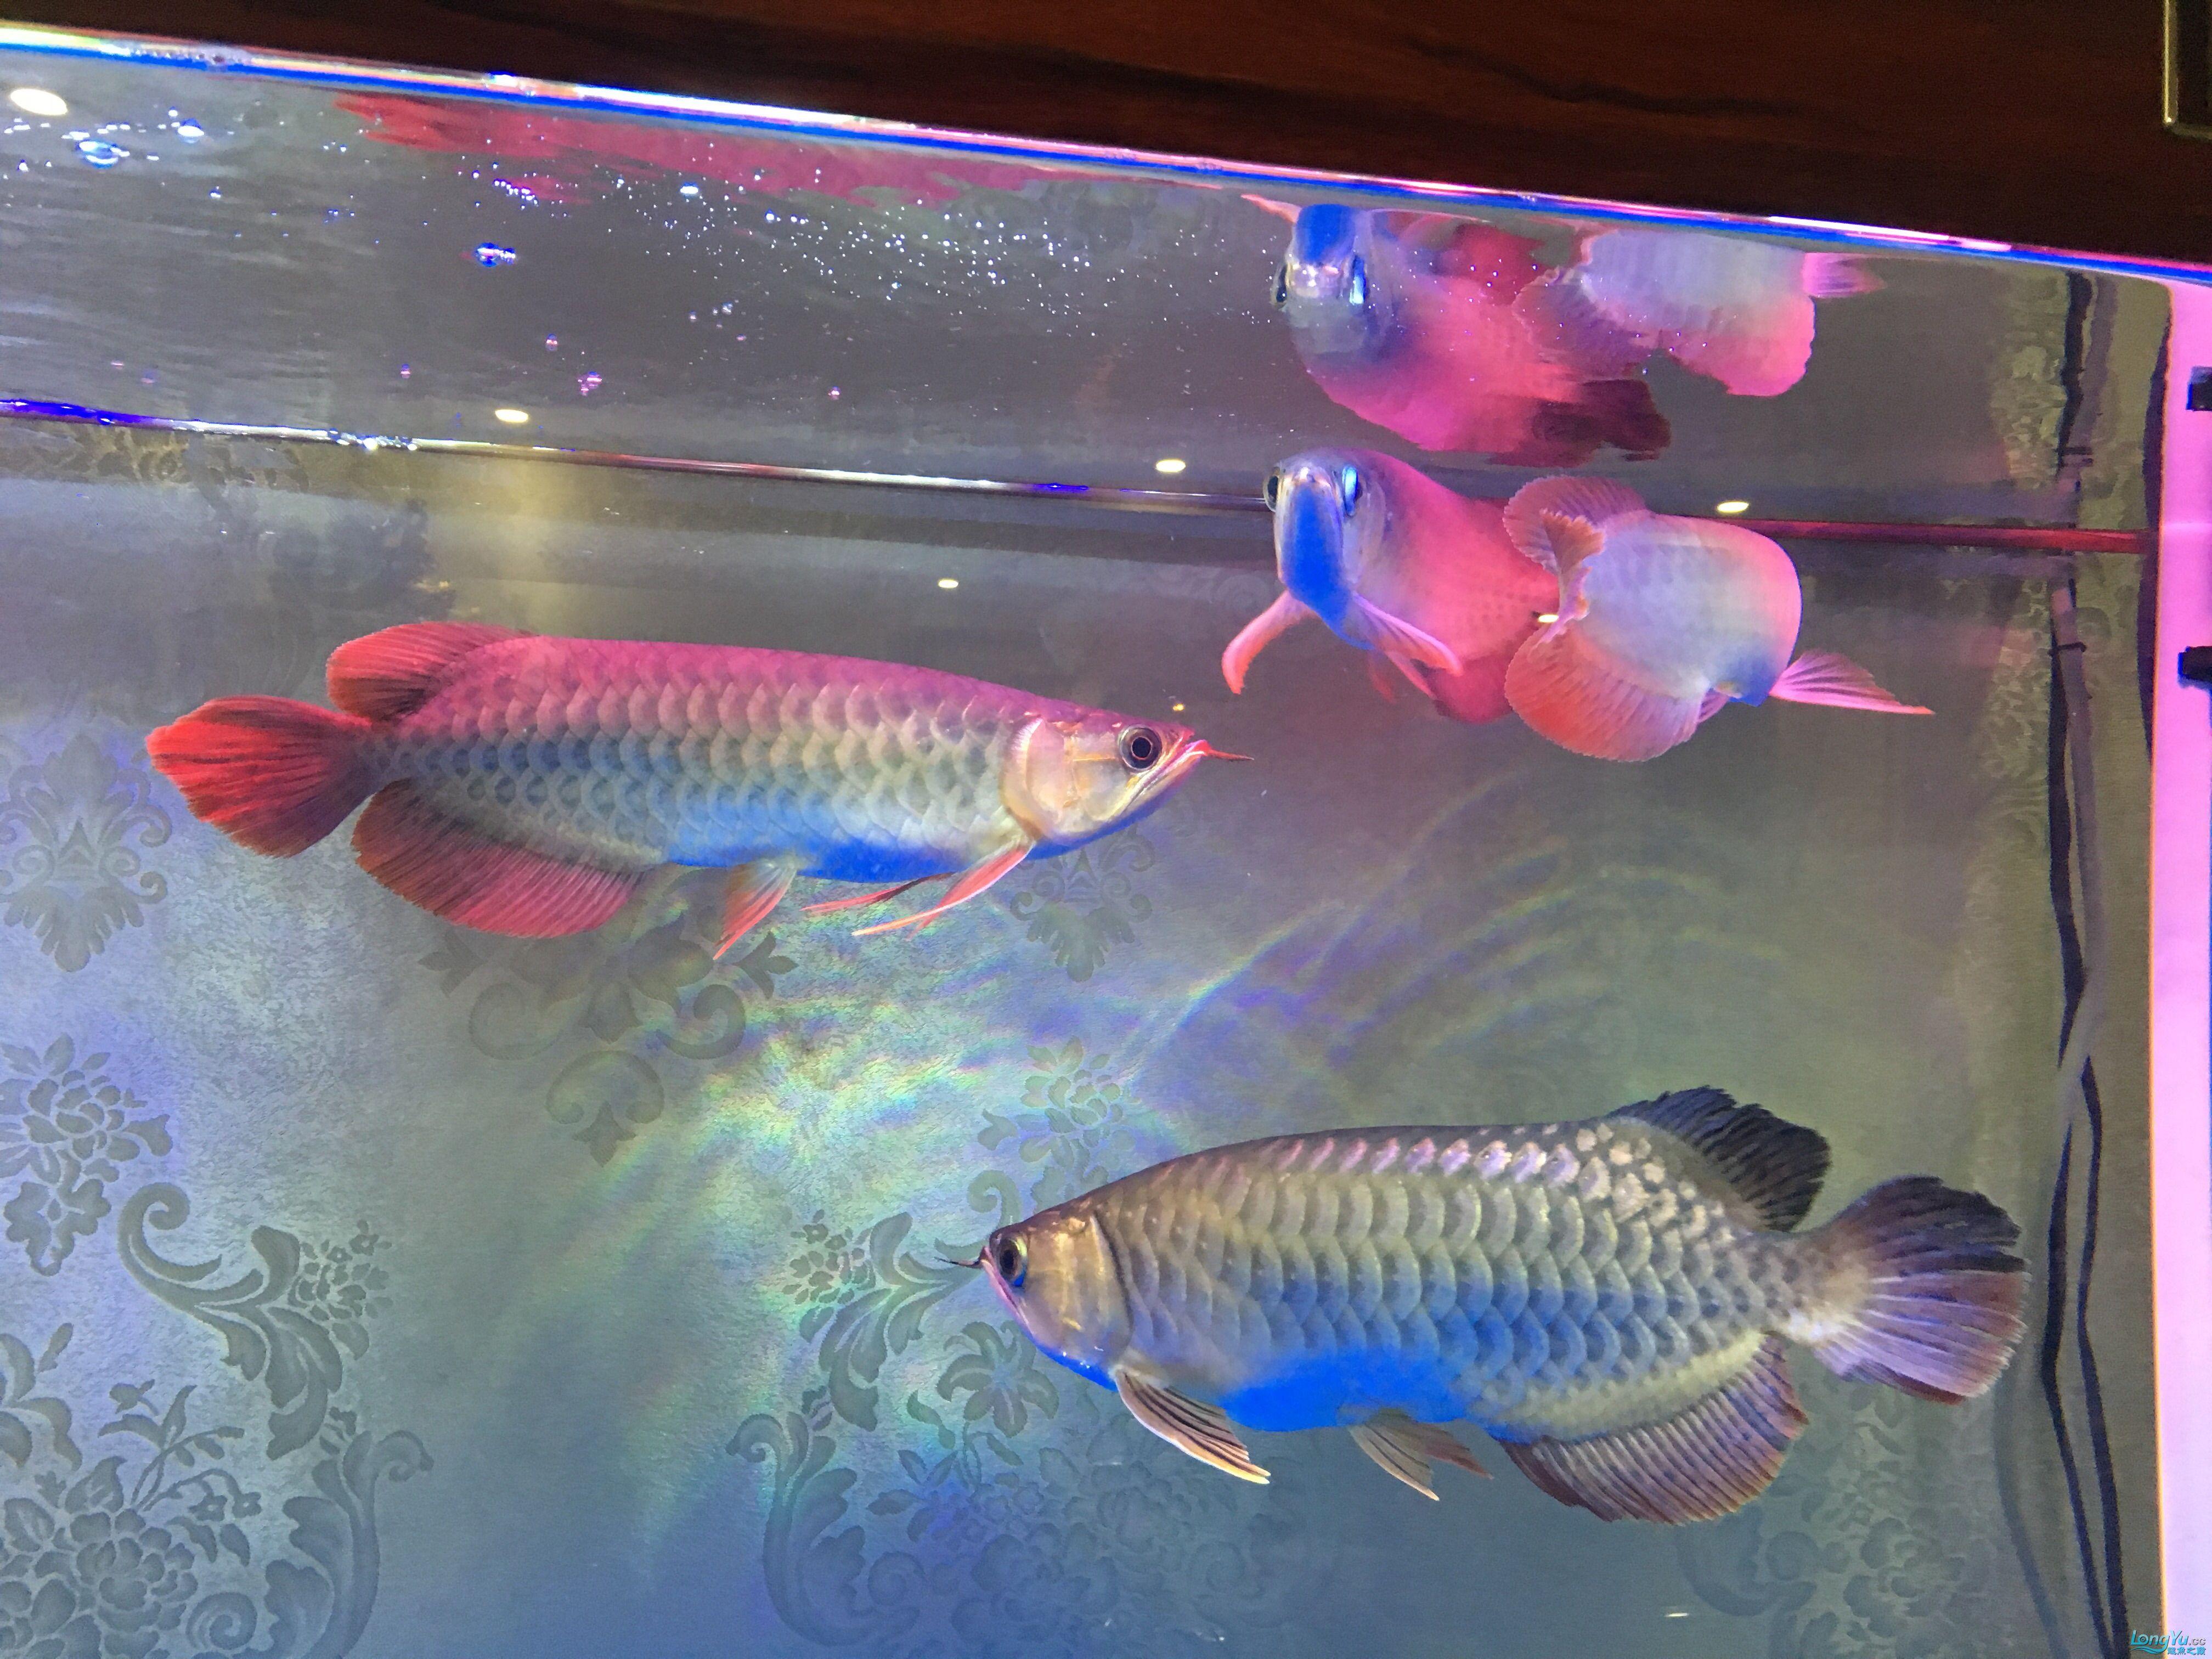 重庆黑鲳鱼价格那位鱼友给我看看龙的质量 重庆观赏鱼 重庆水族批发市场第1张